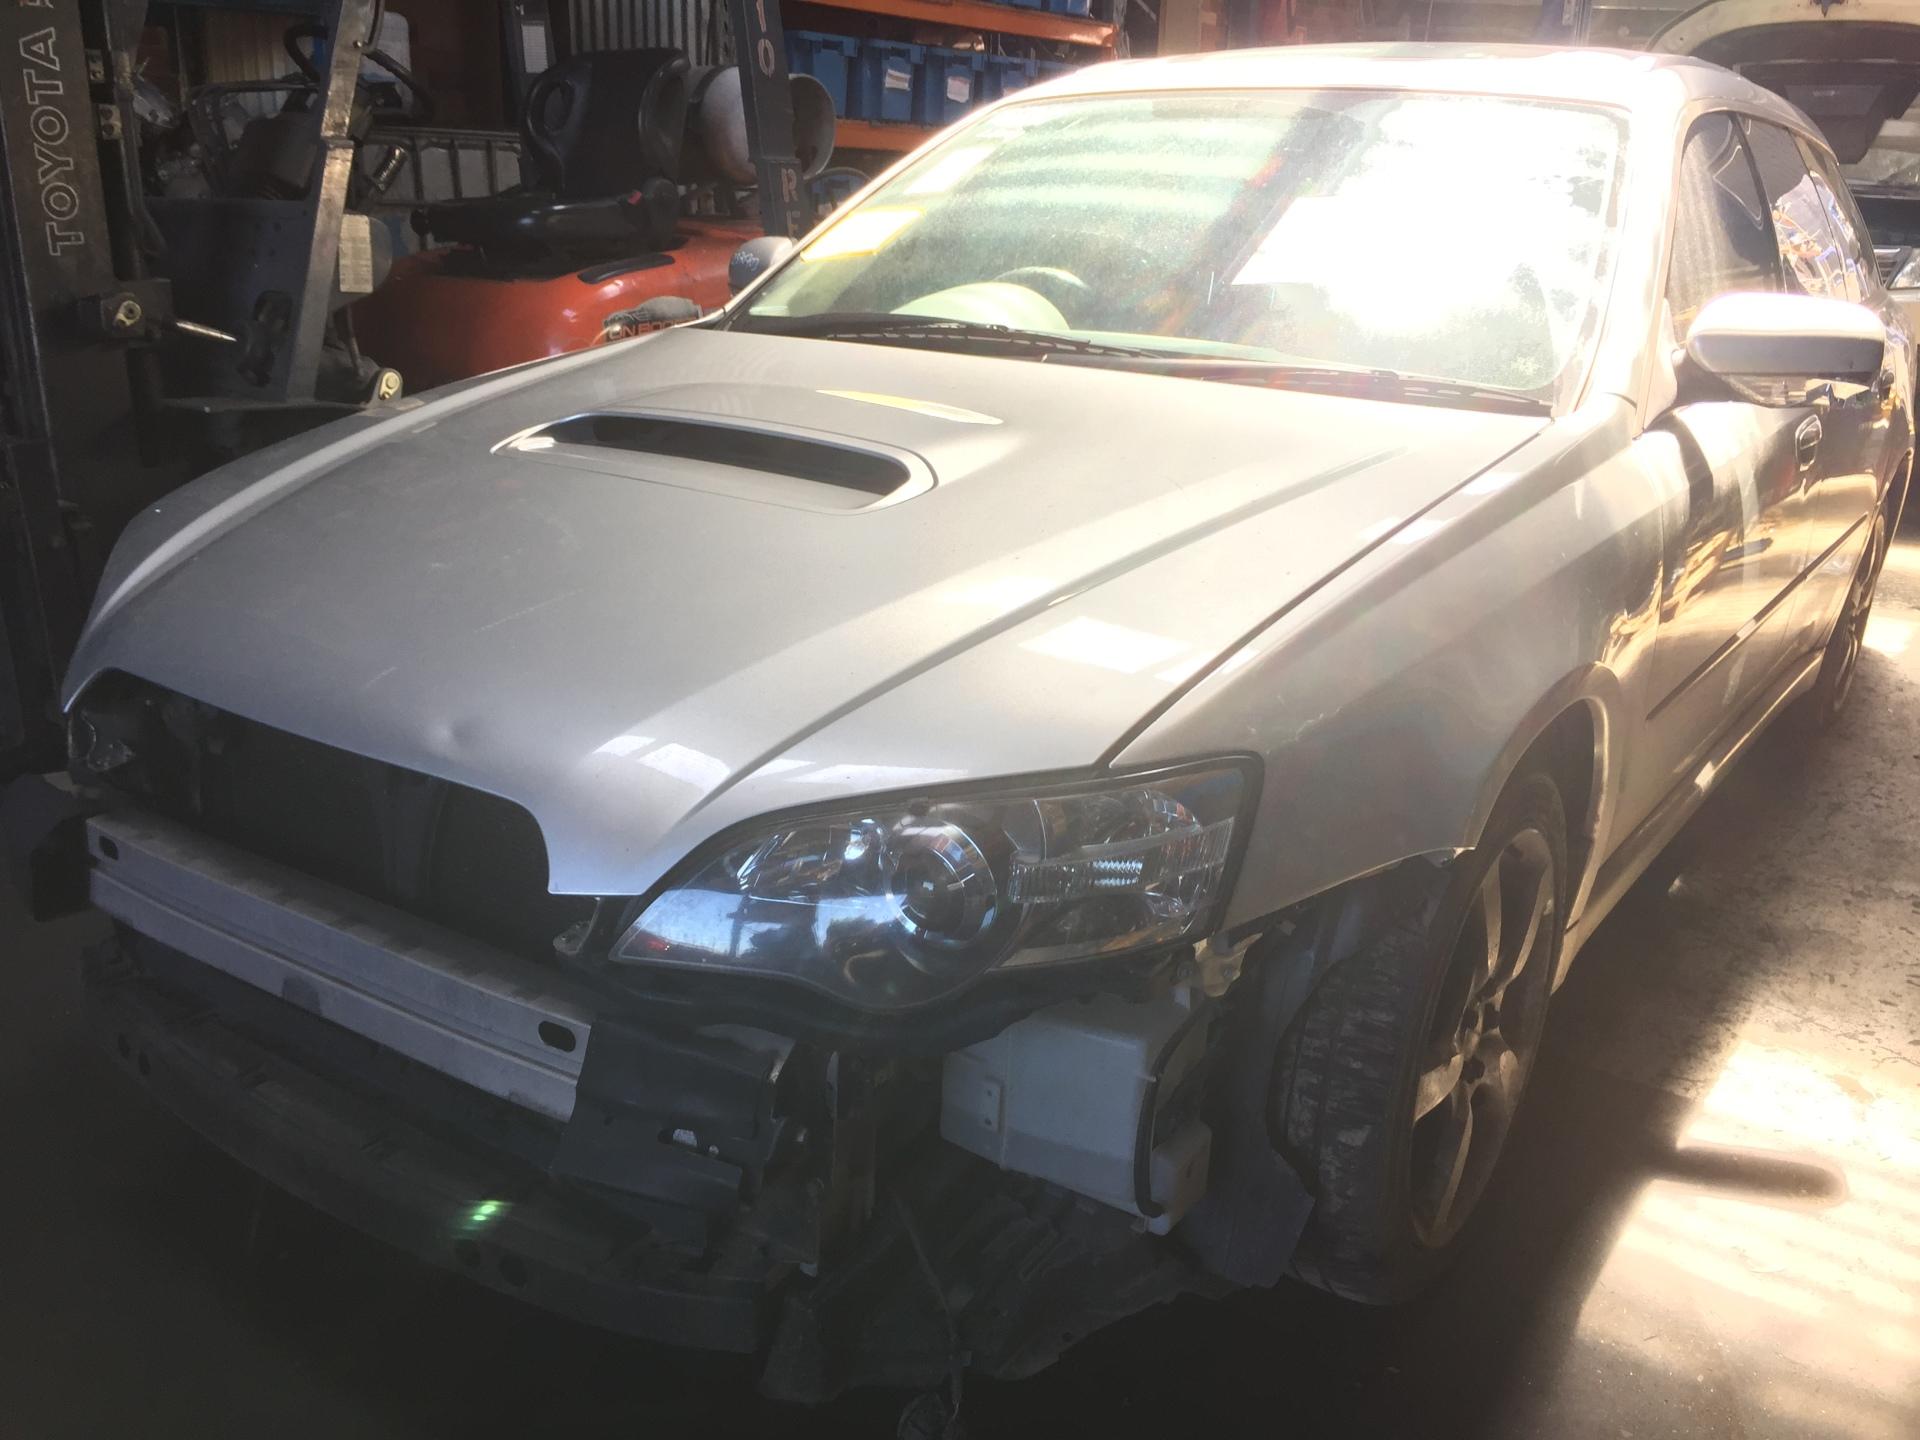 Subaru Wrecking Liberty 2005 EJ20 Turbo Leather